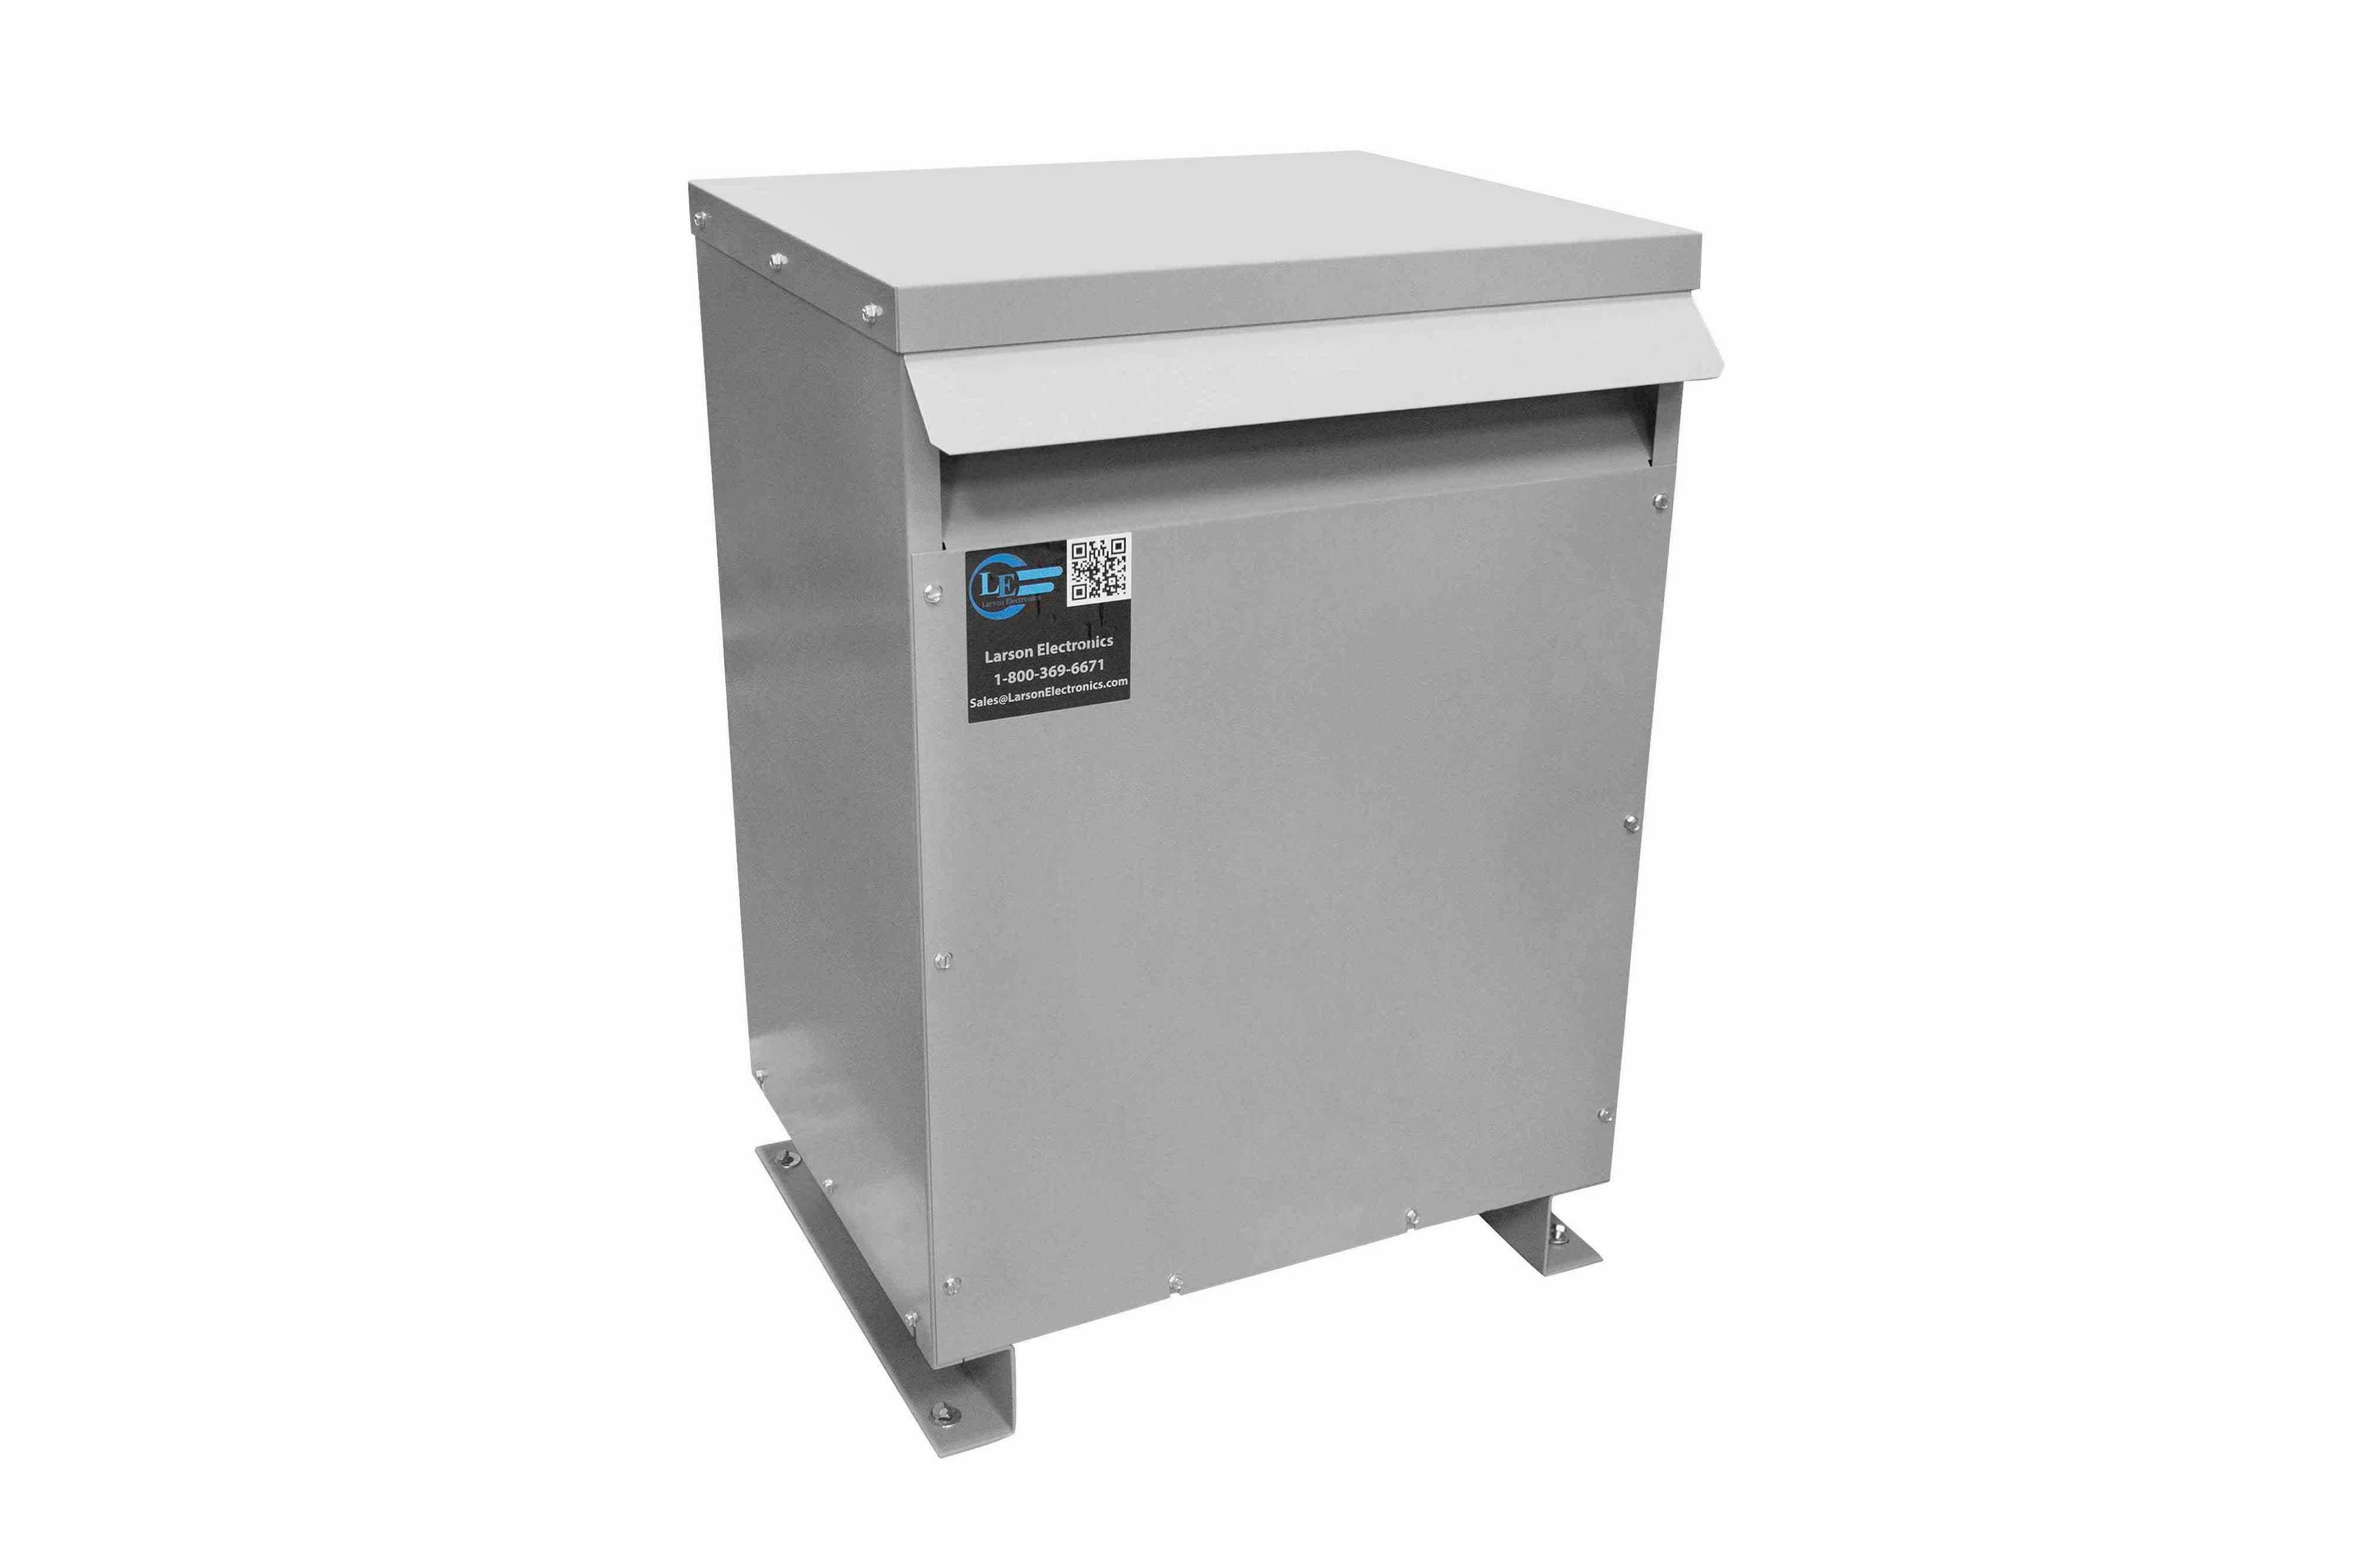 112.5 kVA 3PH Isolation Transformer, 208V Delta Primary, 600V Delta Secondary, N3R, Ventilated, 60 Hz